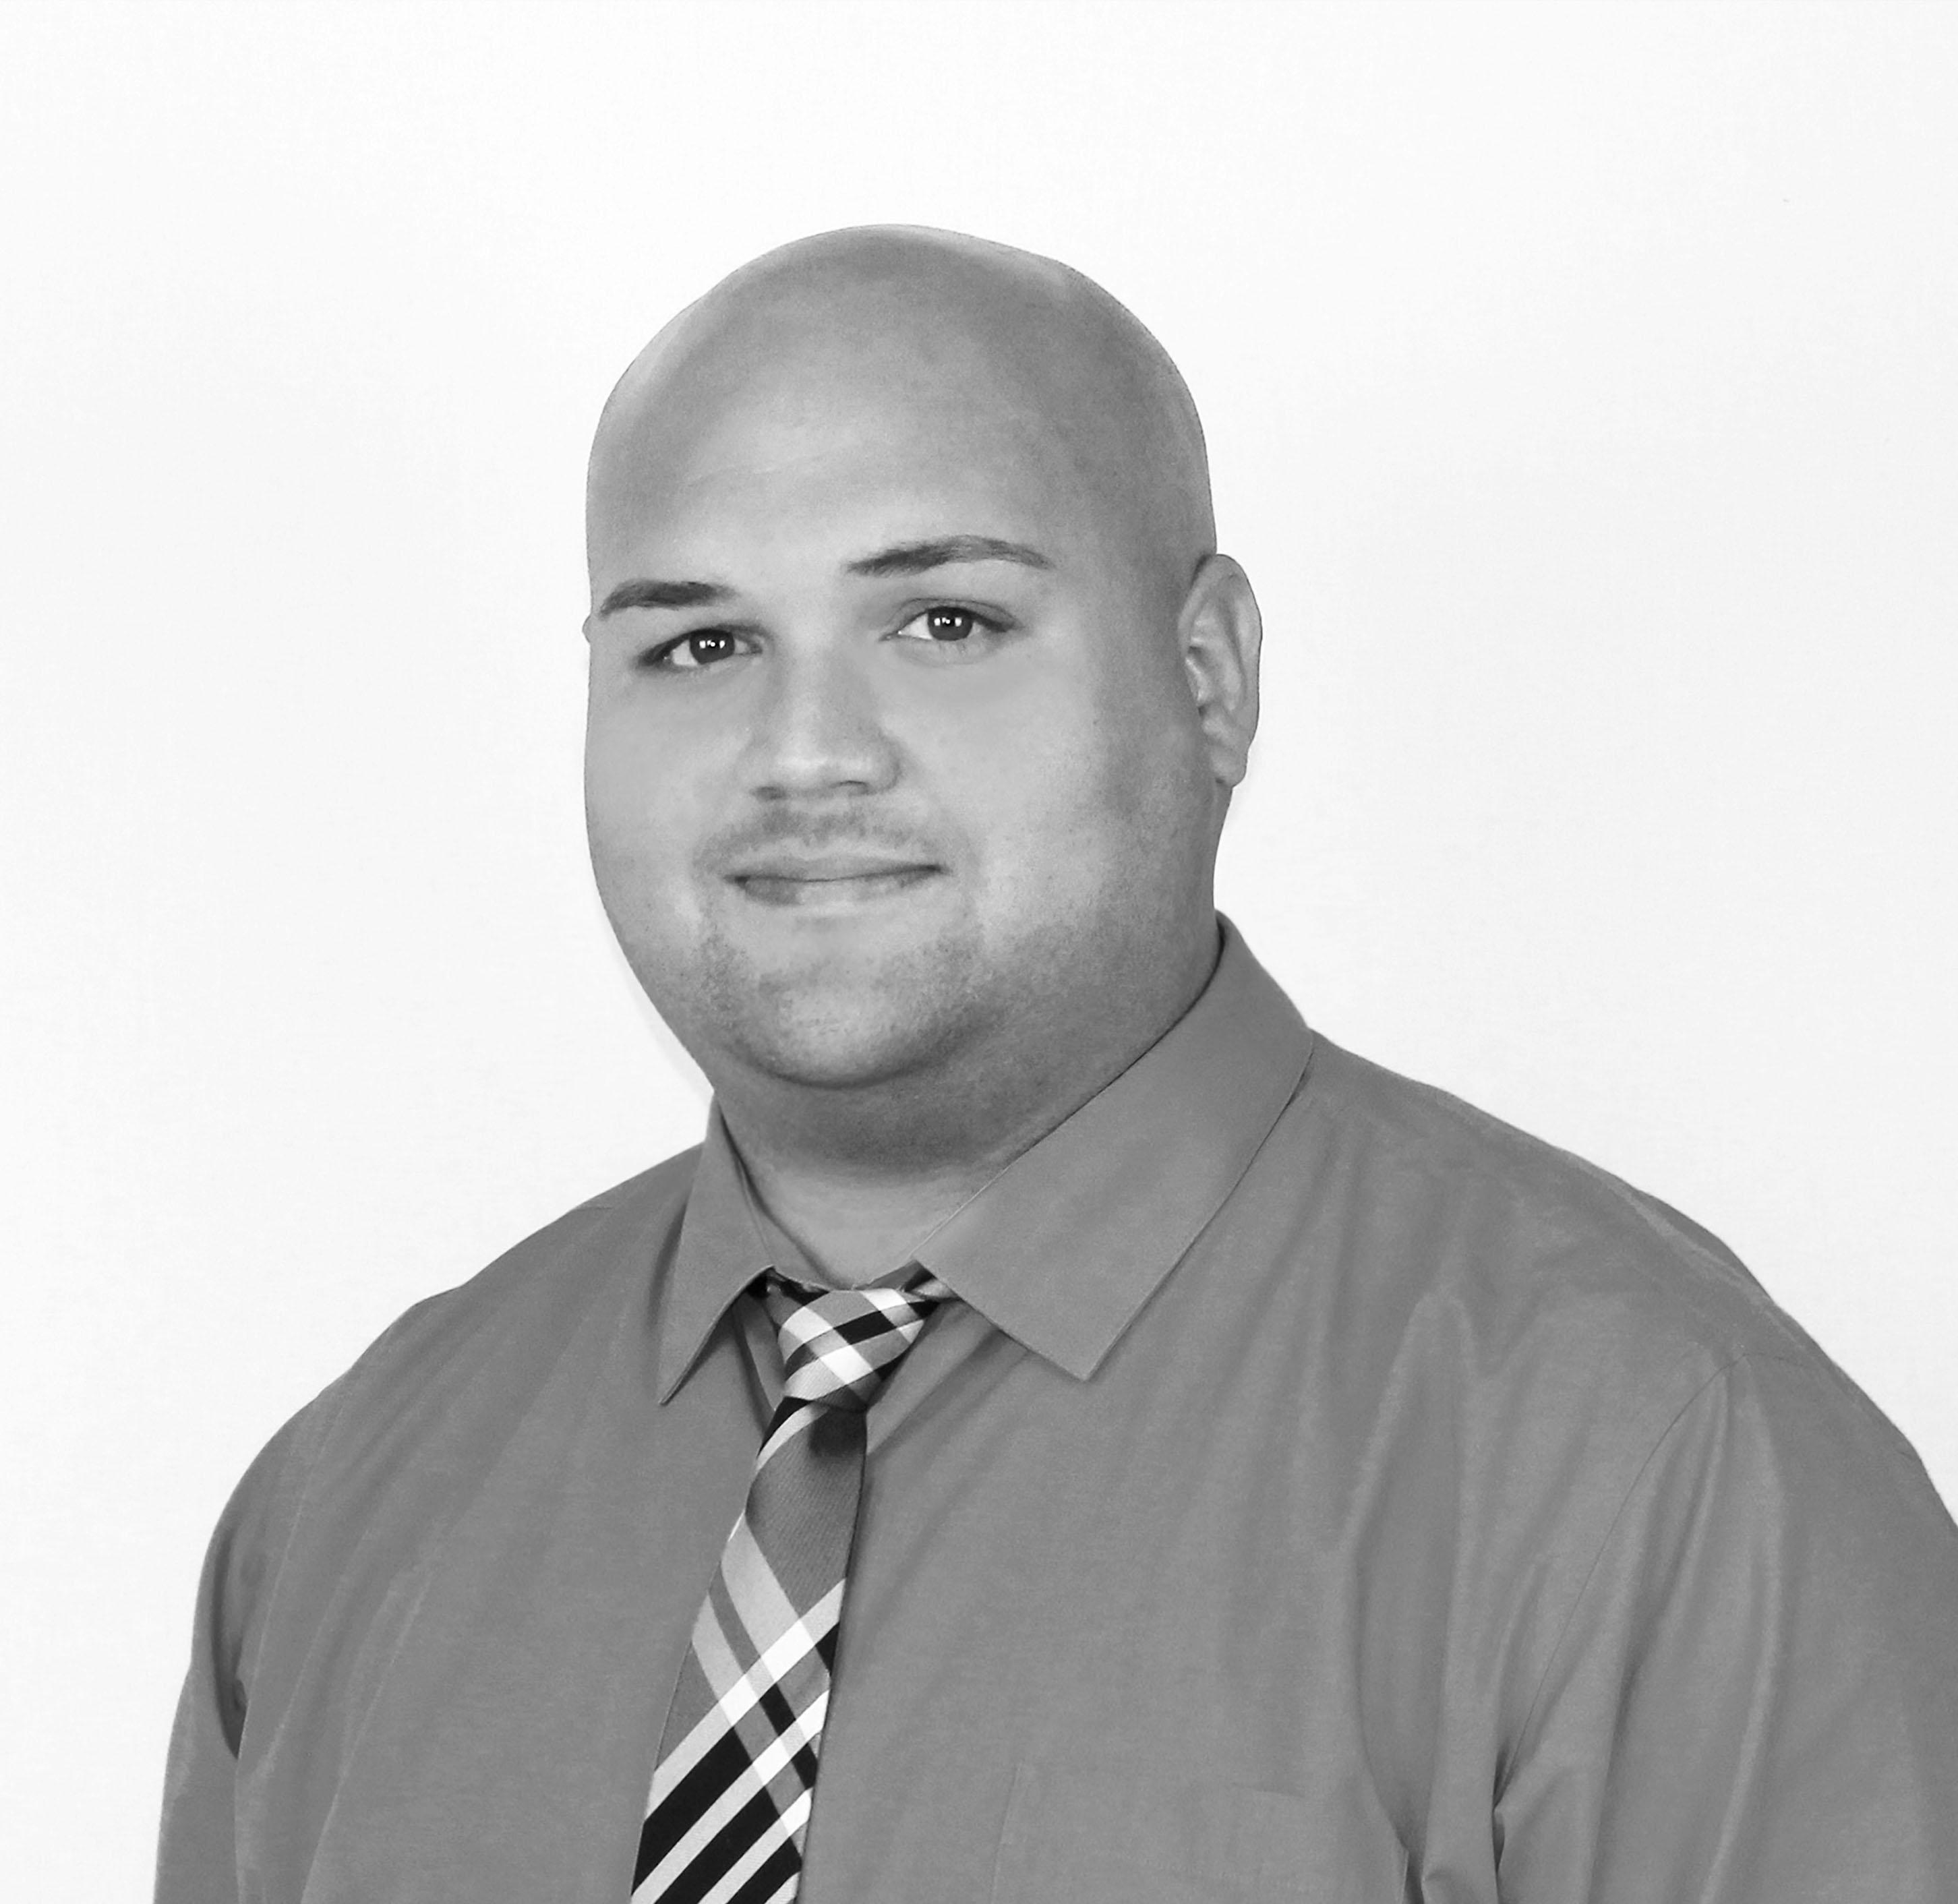 David - Billing Manager